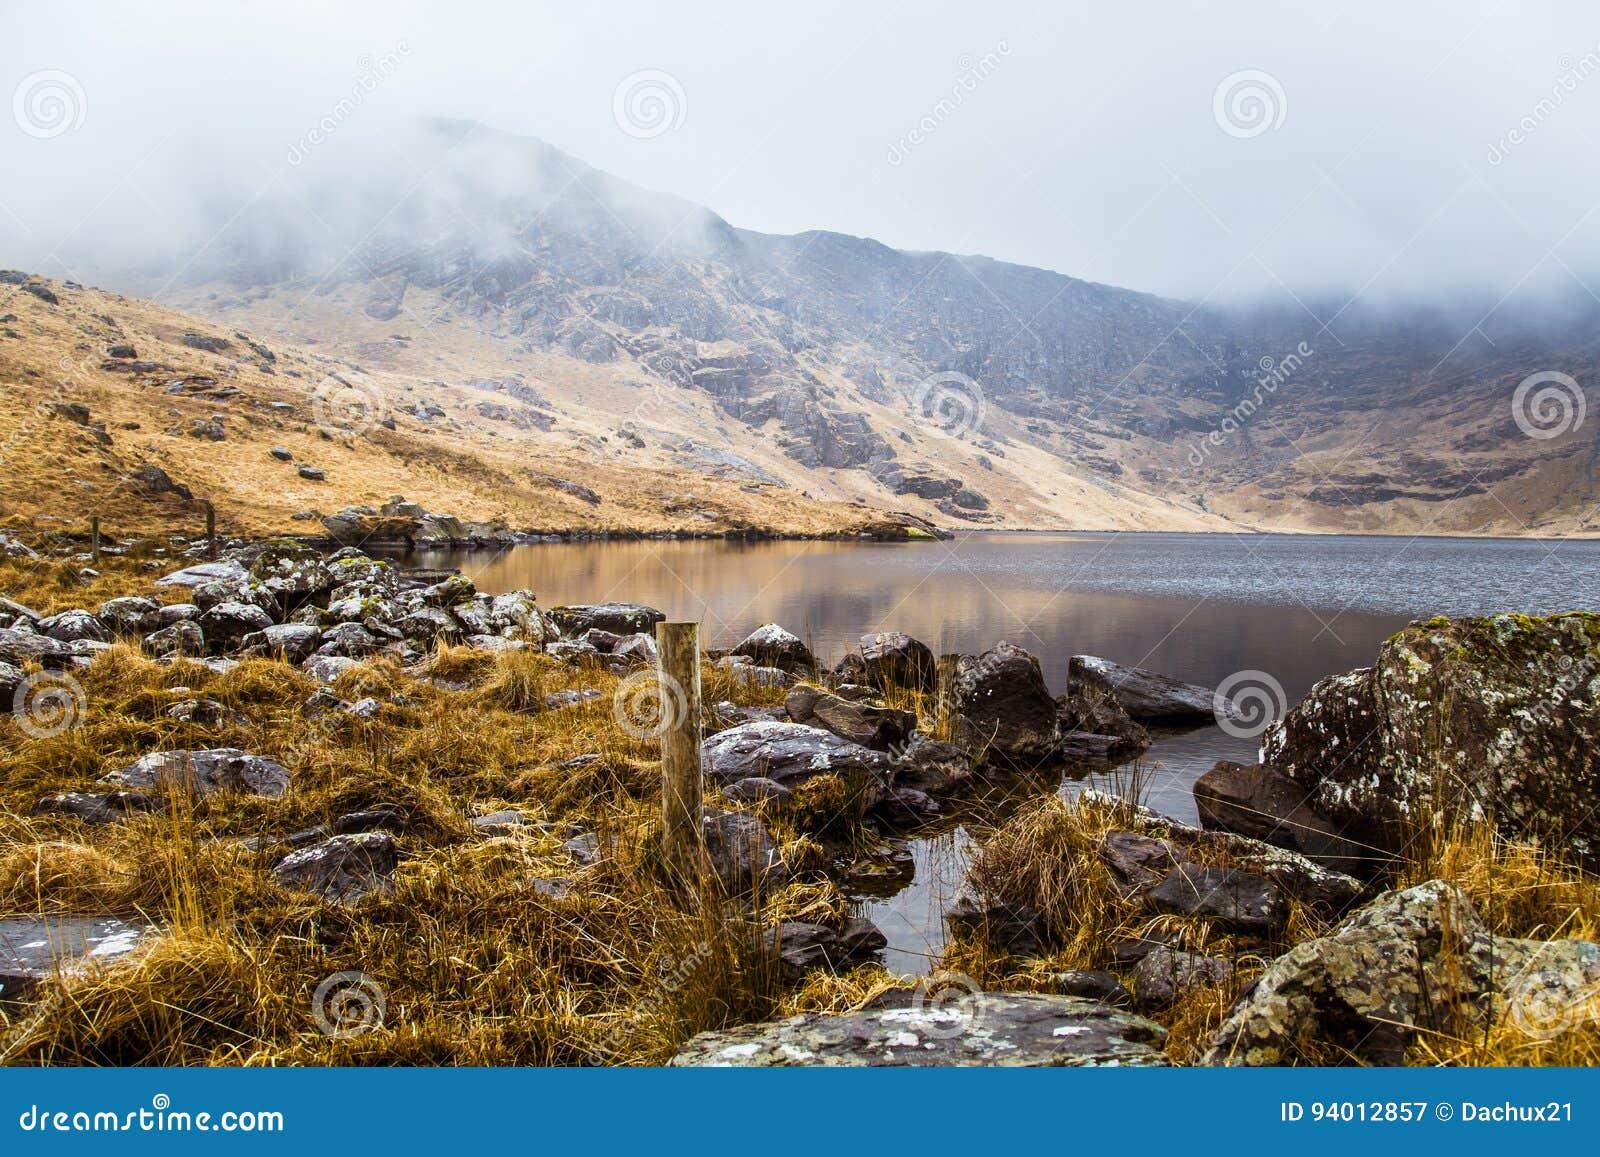 Eine schöne irische Berglandschaft mit einem See im Frühjahr